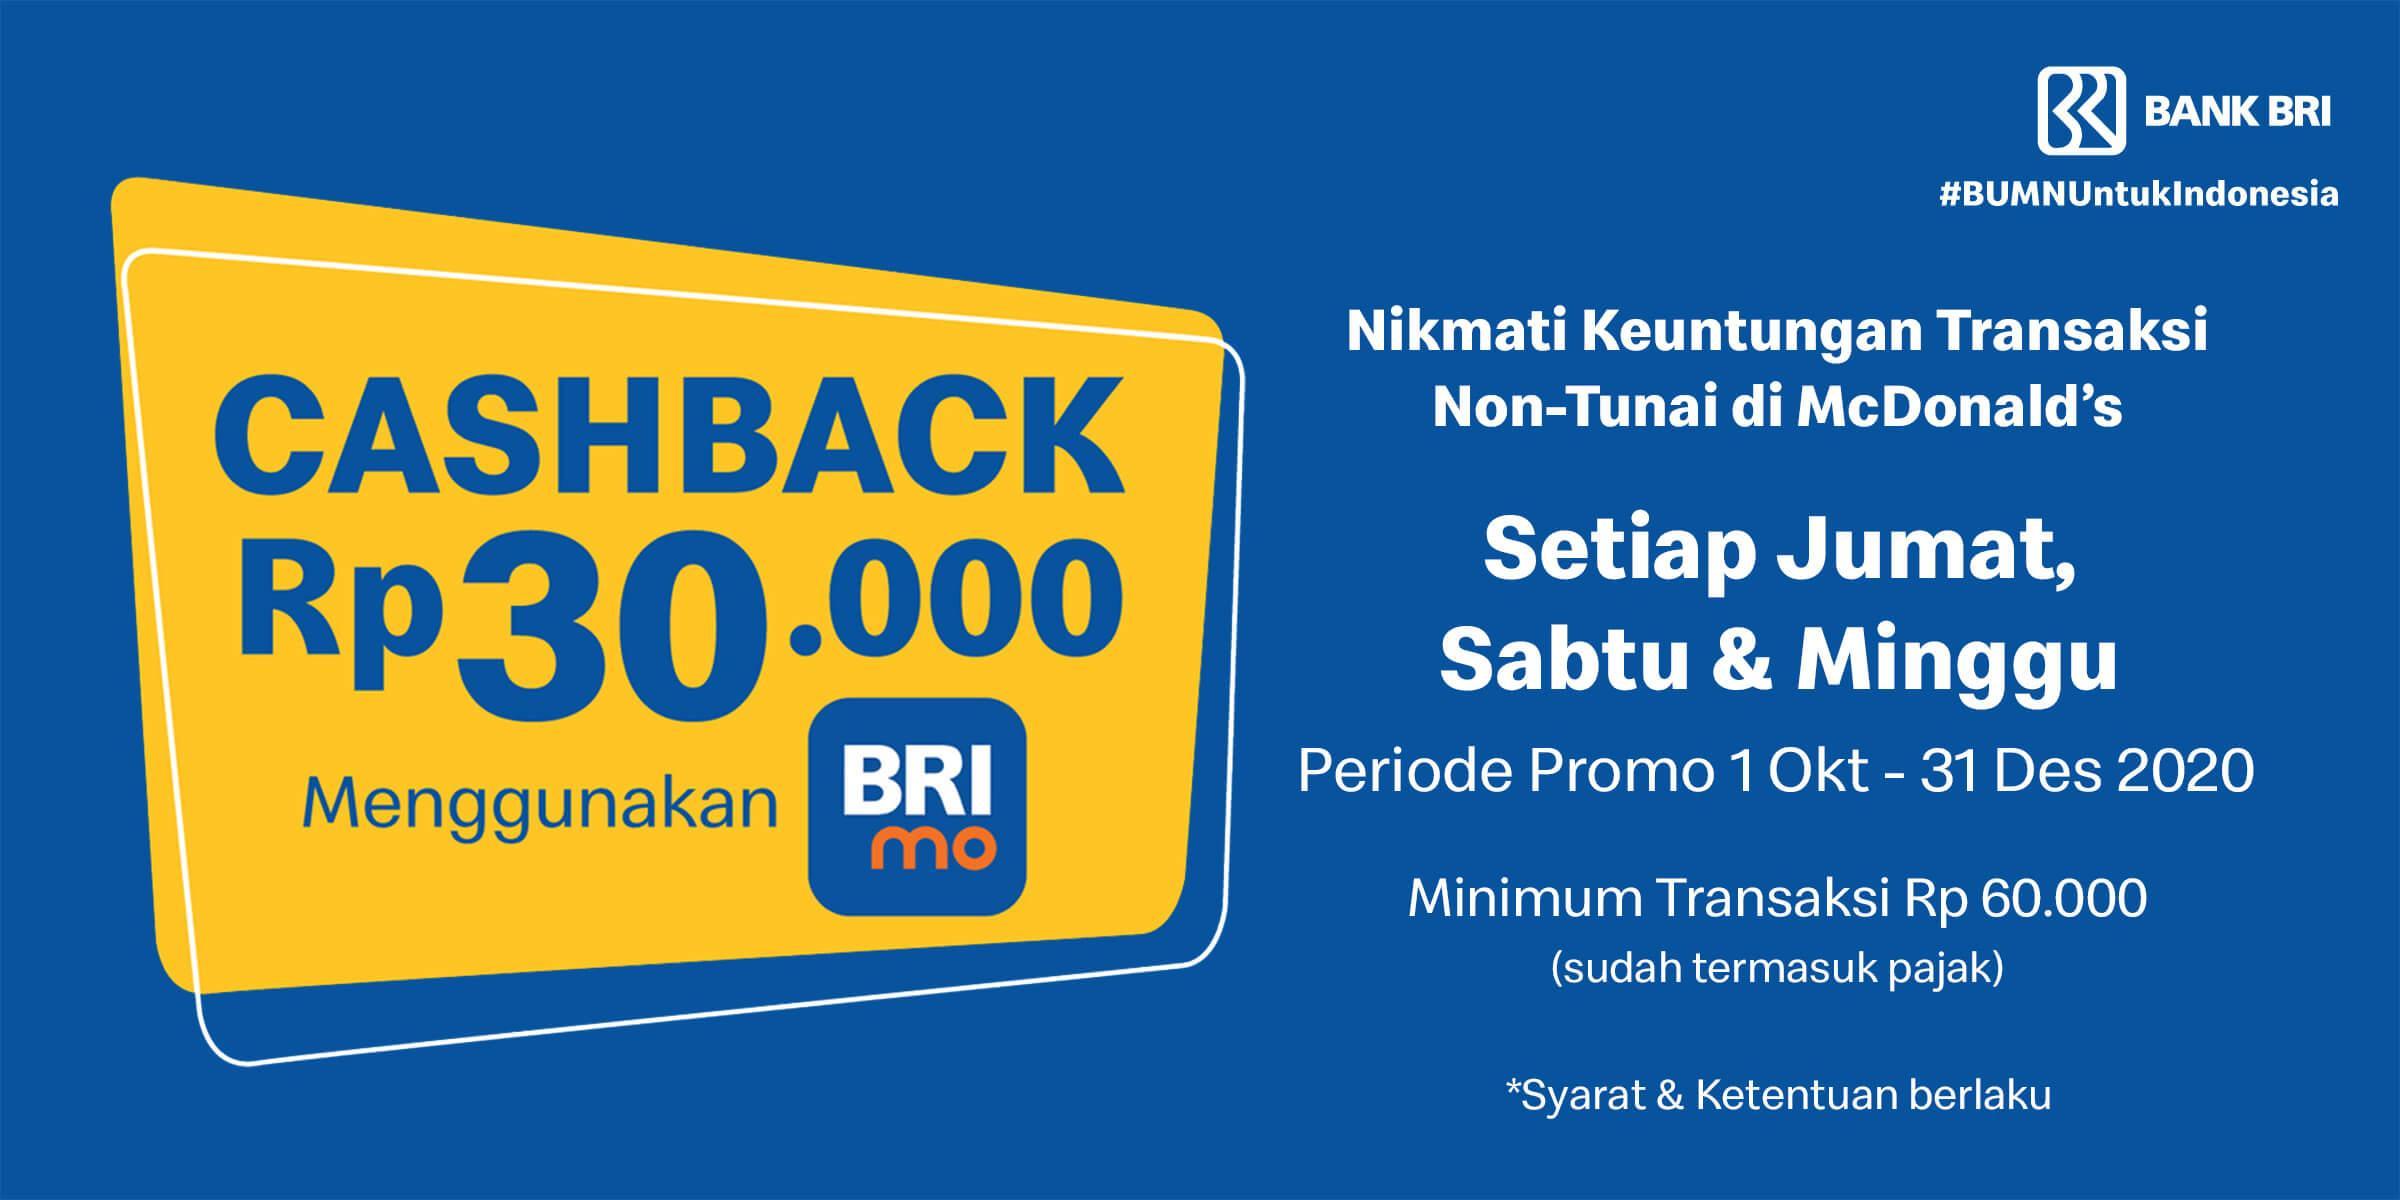 Ada promo cashback Rp30.000 jika menggunakan BRImo